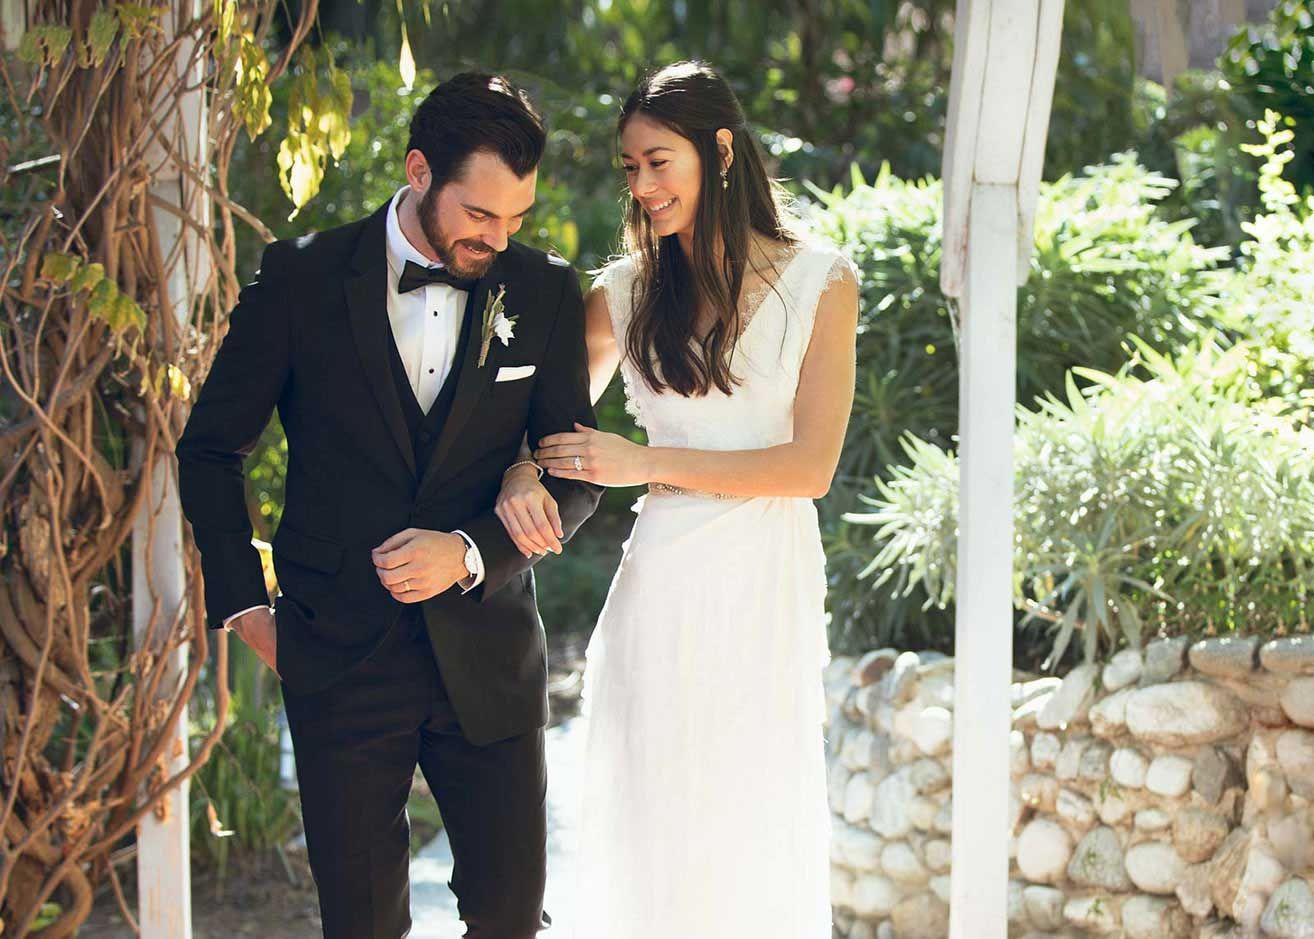 Generation Tux Tuxedo Rentals Online Suit Rentals